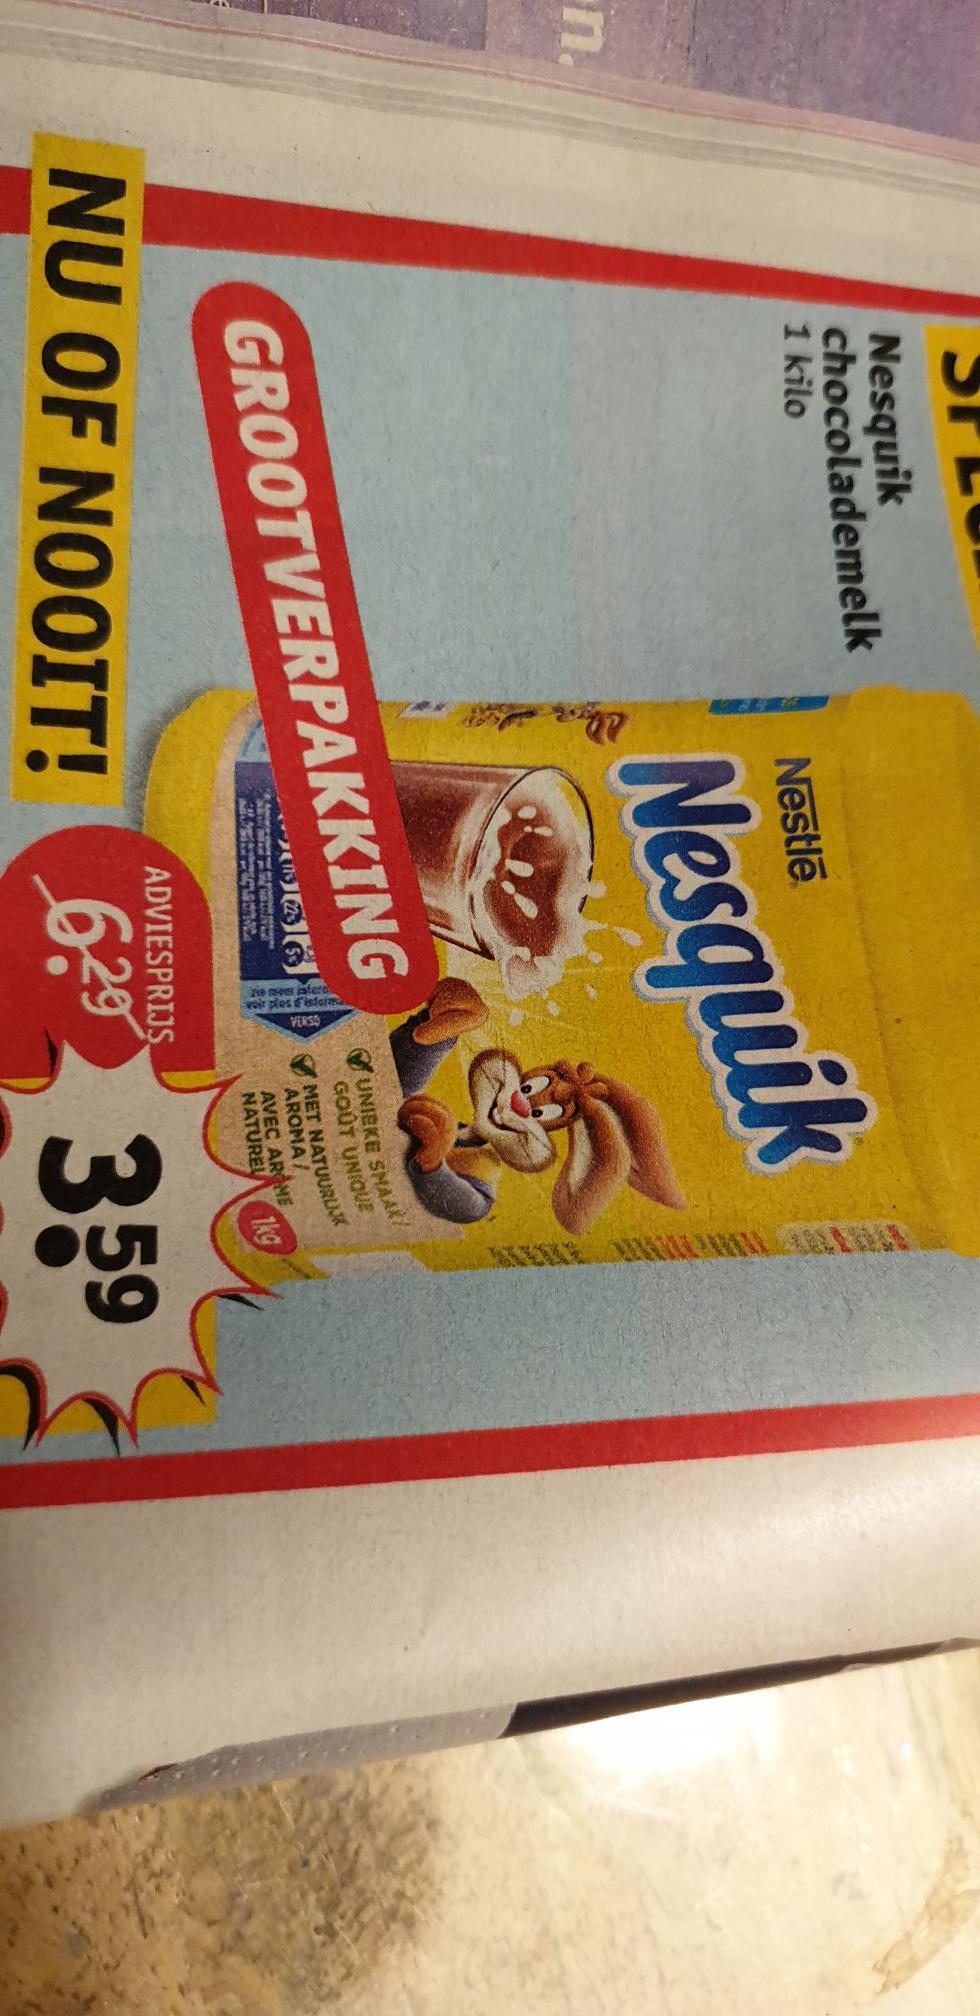 Nesquik chocolademelk 1kg